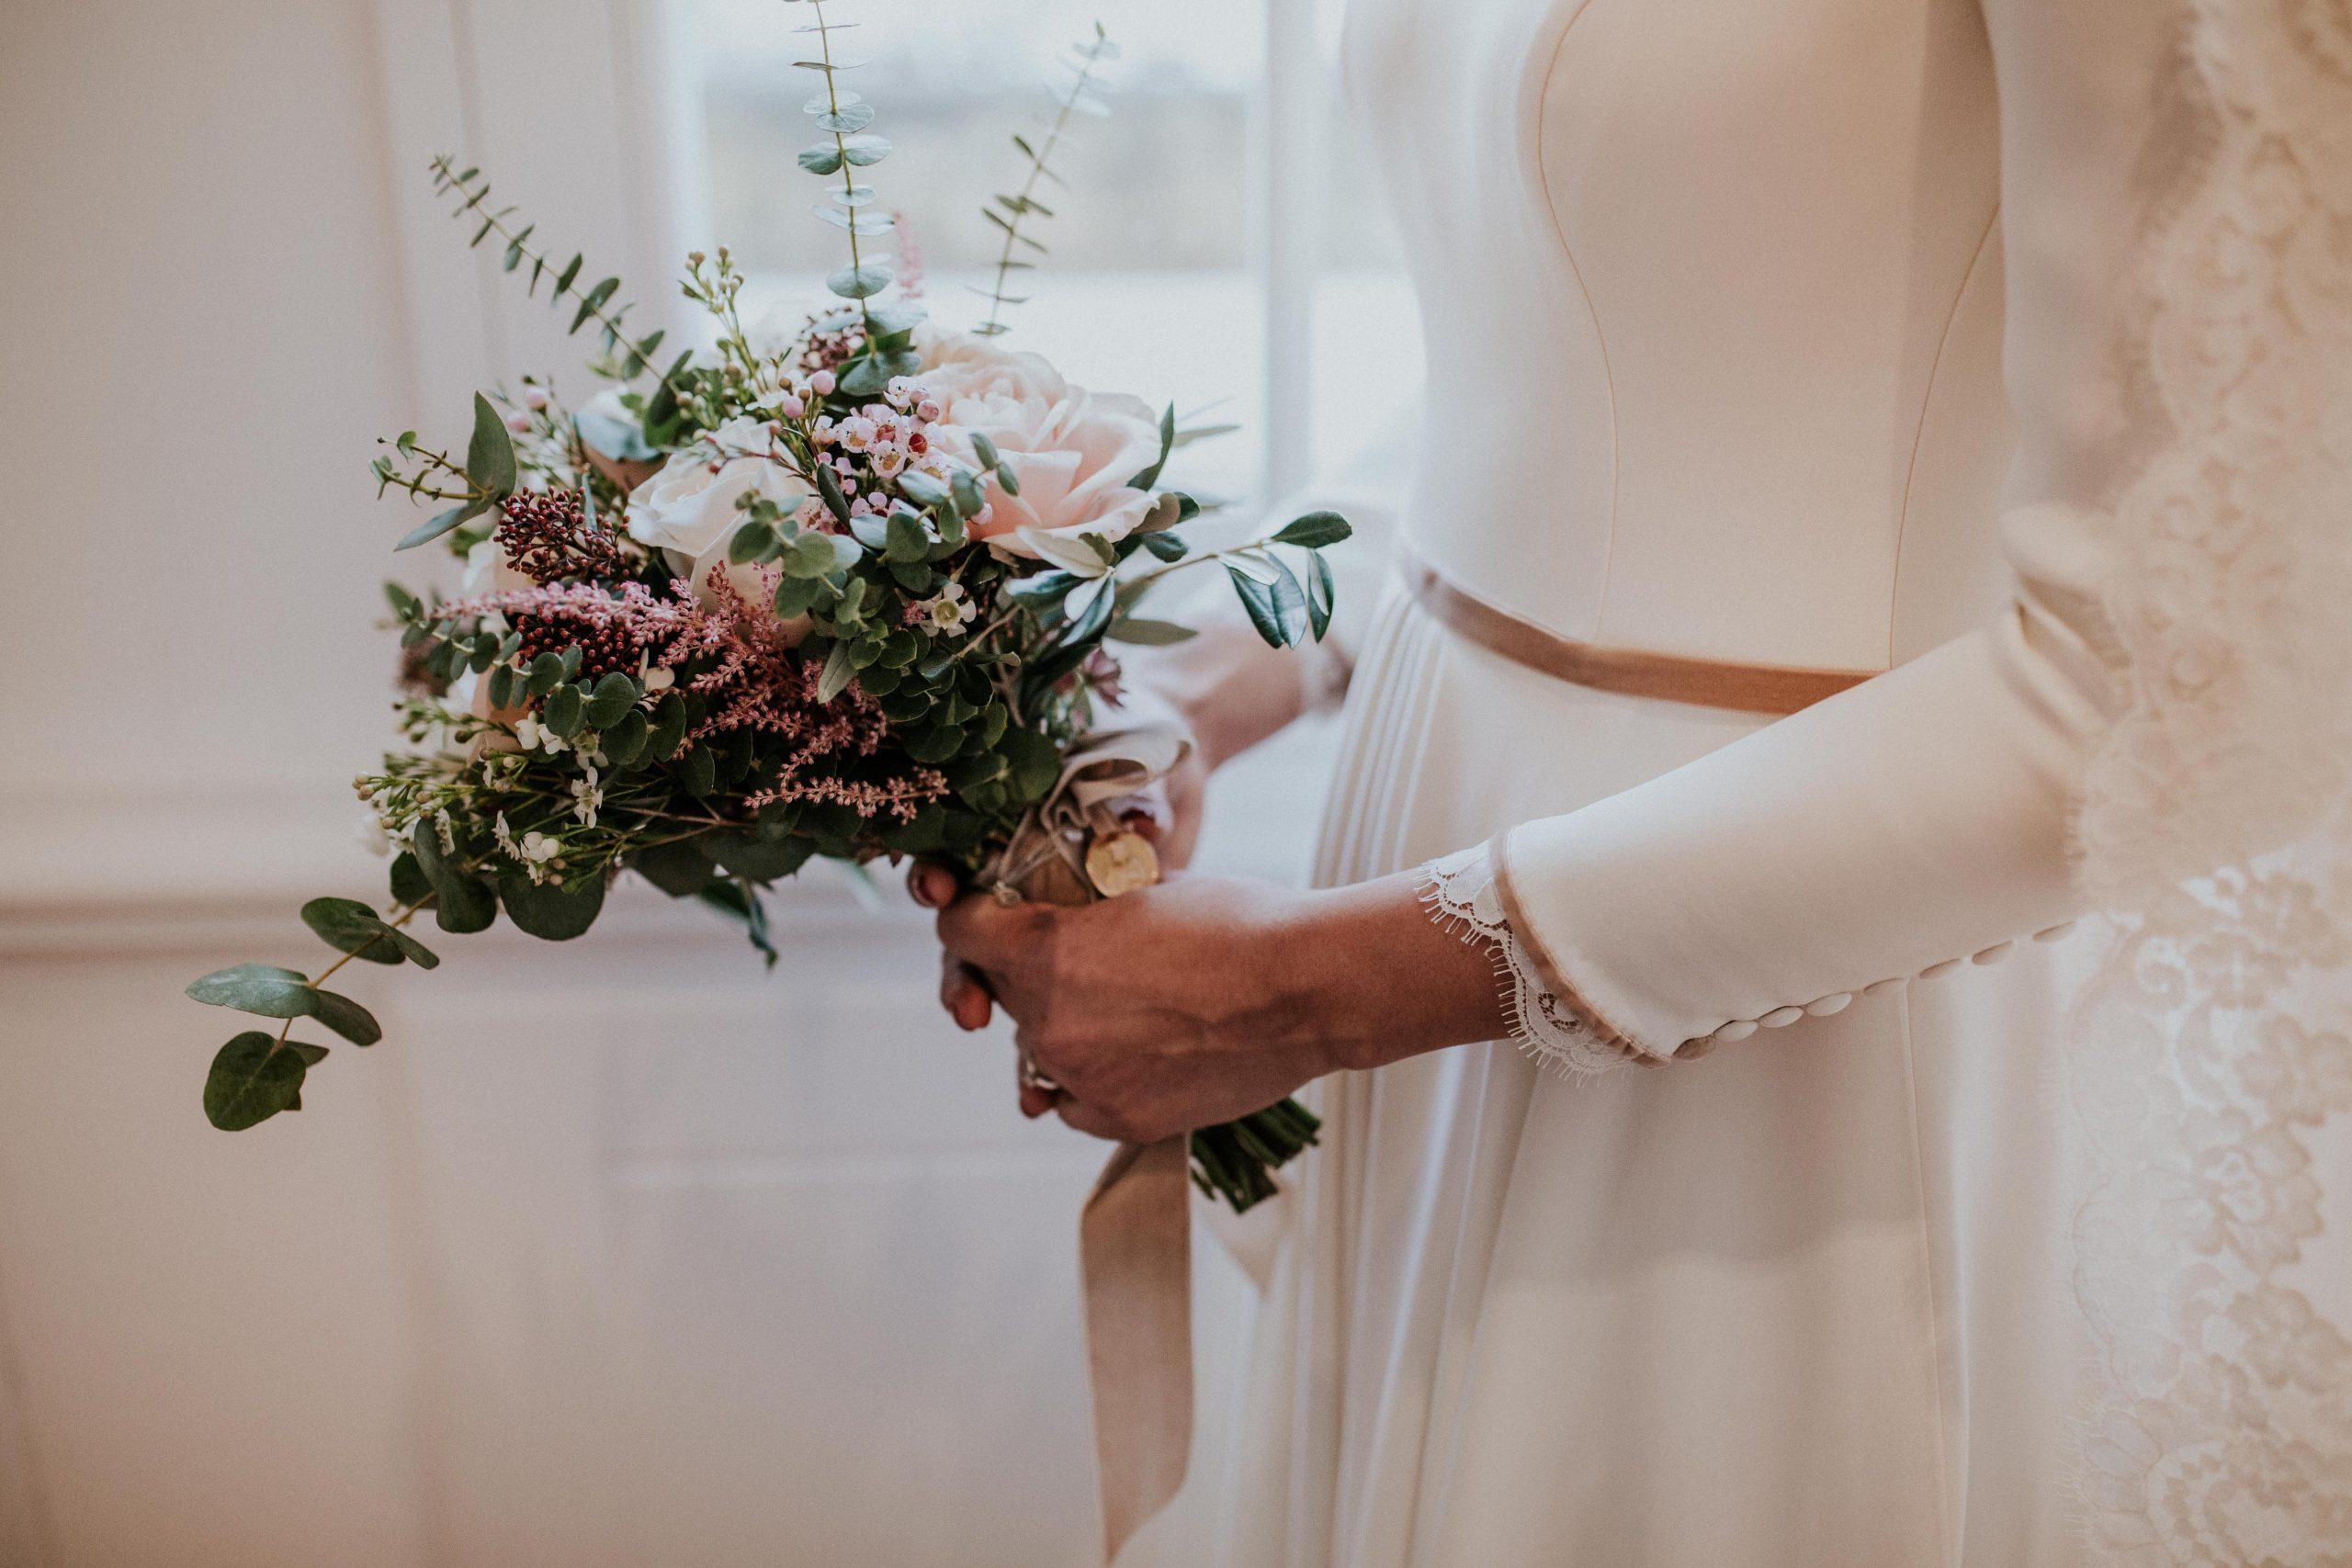 leymar-floristas-novias-asturias-aviles-ramos-bodas-decoracion-iglesia-mesas-novia (77)